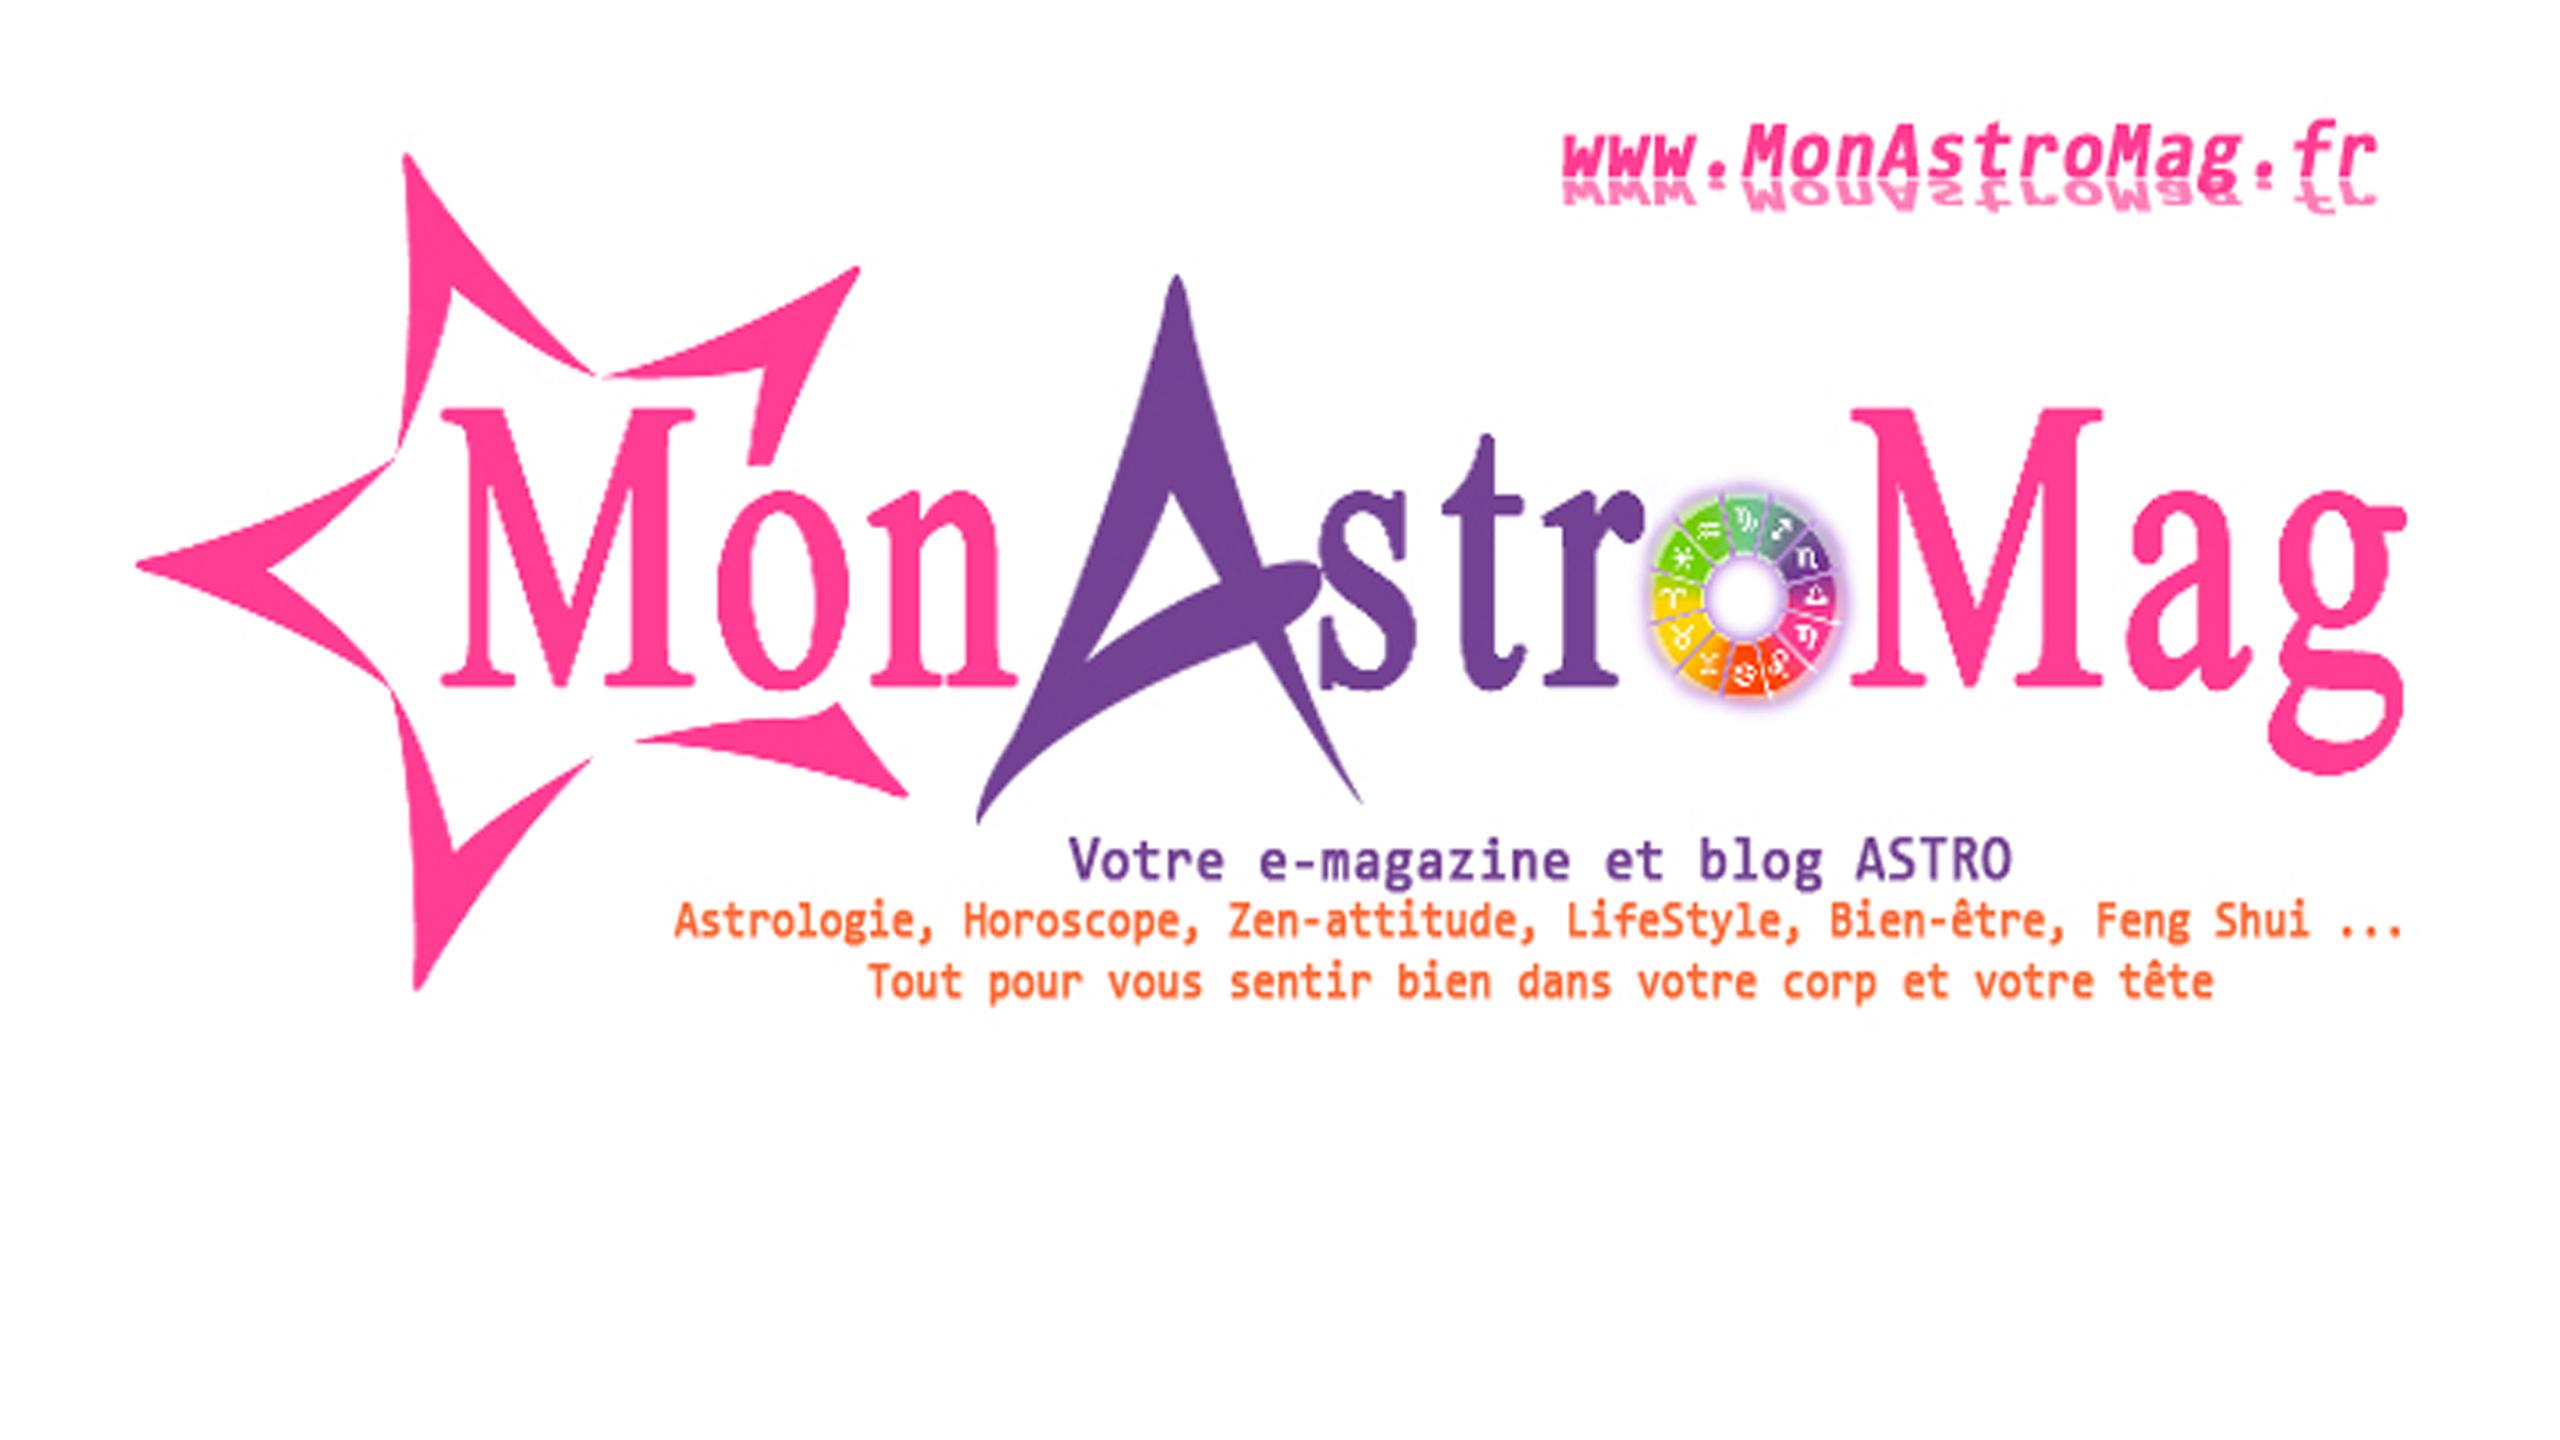 994d0209968 Taureau - 21 04 au 20 05 Archives - Page 2 sur 2 - MonAstroMag